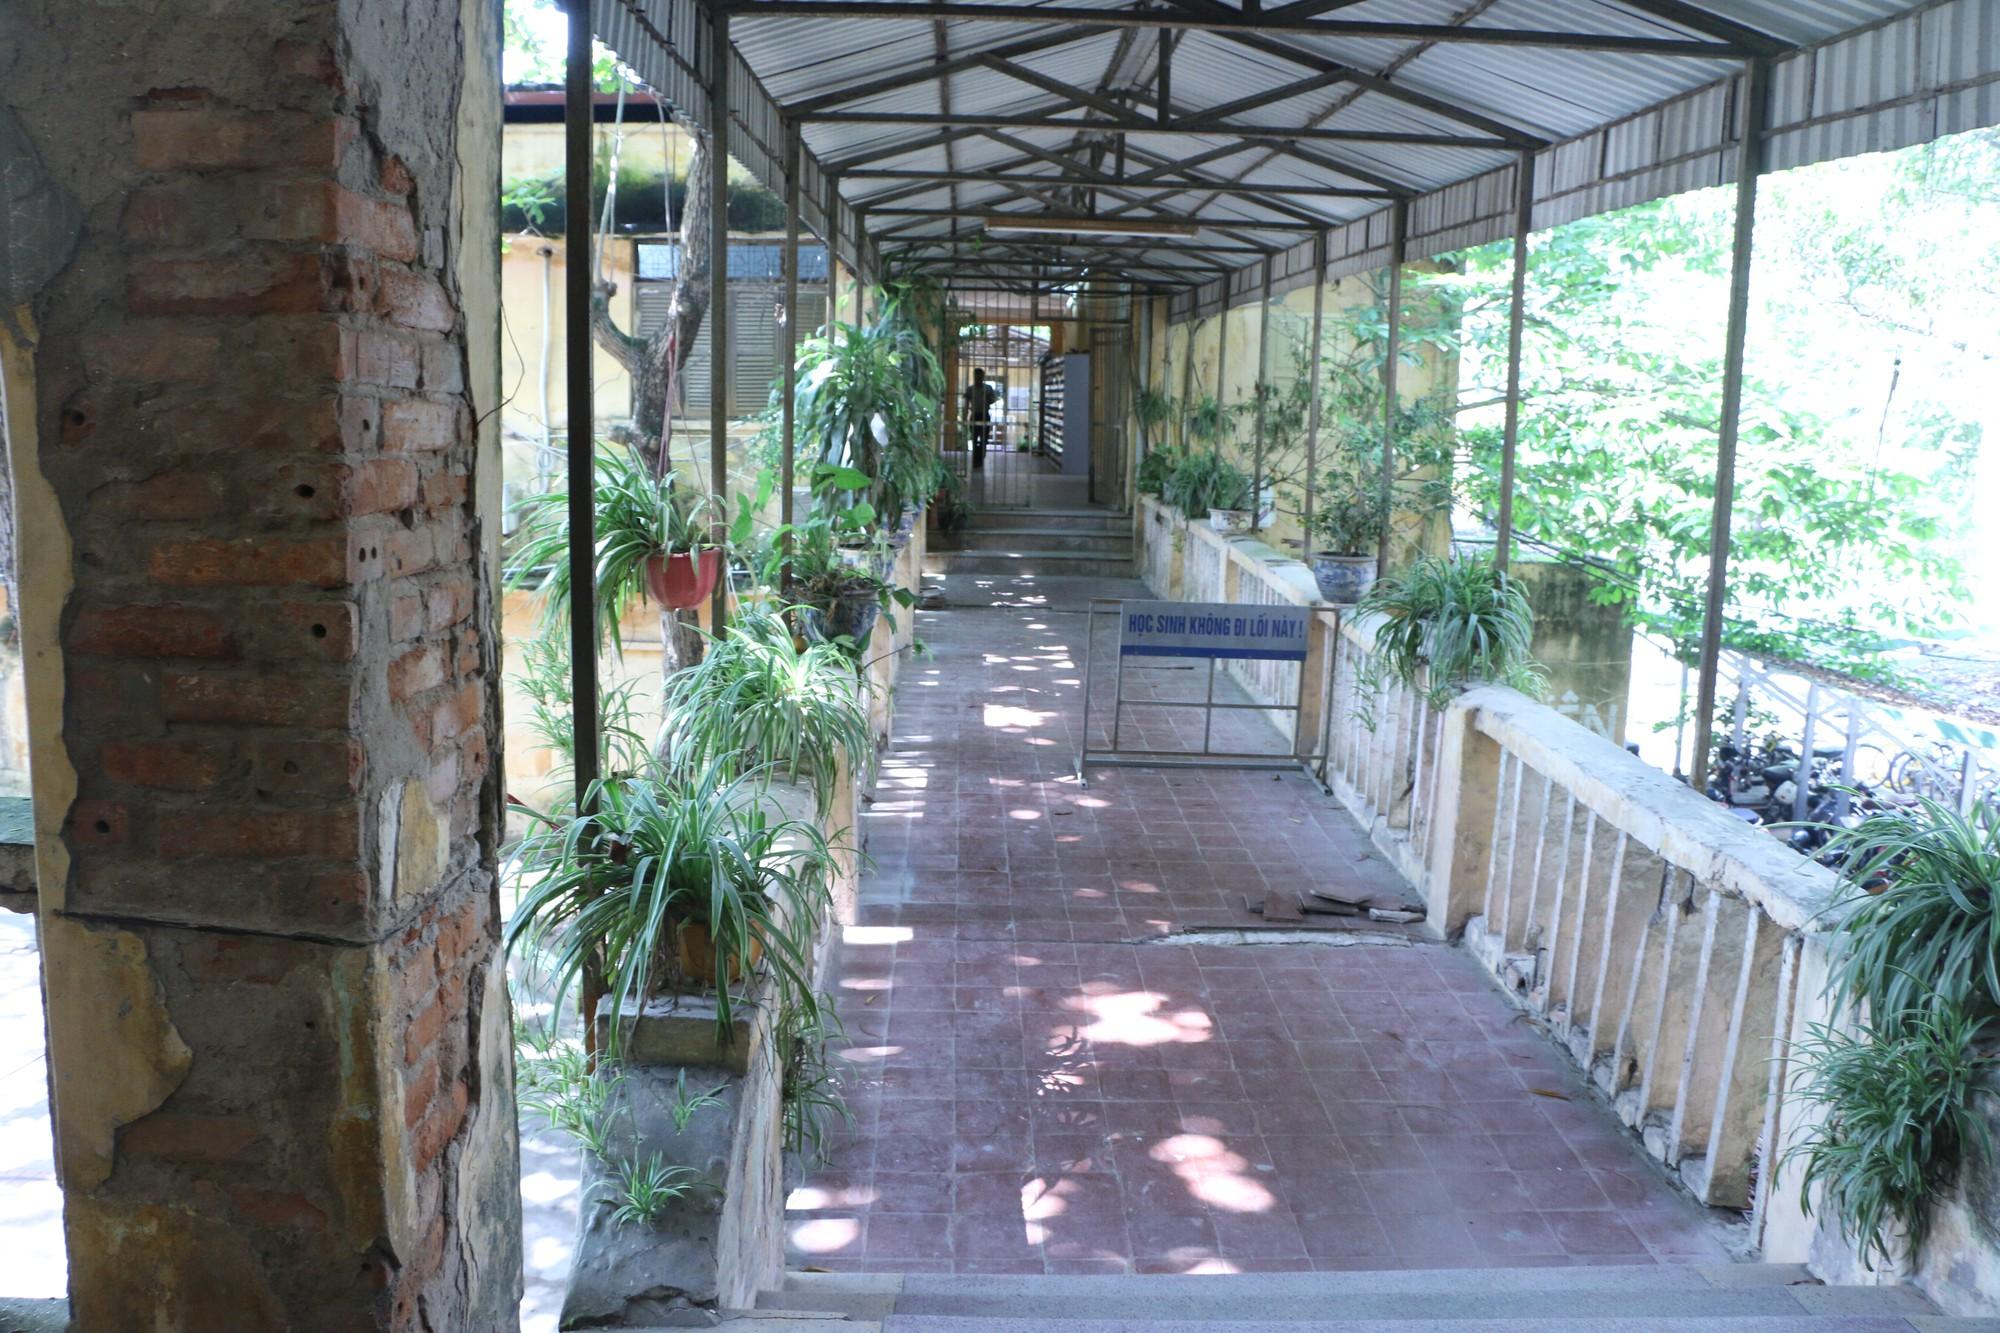 Vữa trần rơi, lan can được rào tạm bằng dây thép gai, ngôi trường cấp 3 giữa Hà Nội có nguy cơ đổ sập  - Ảnh 7.